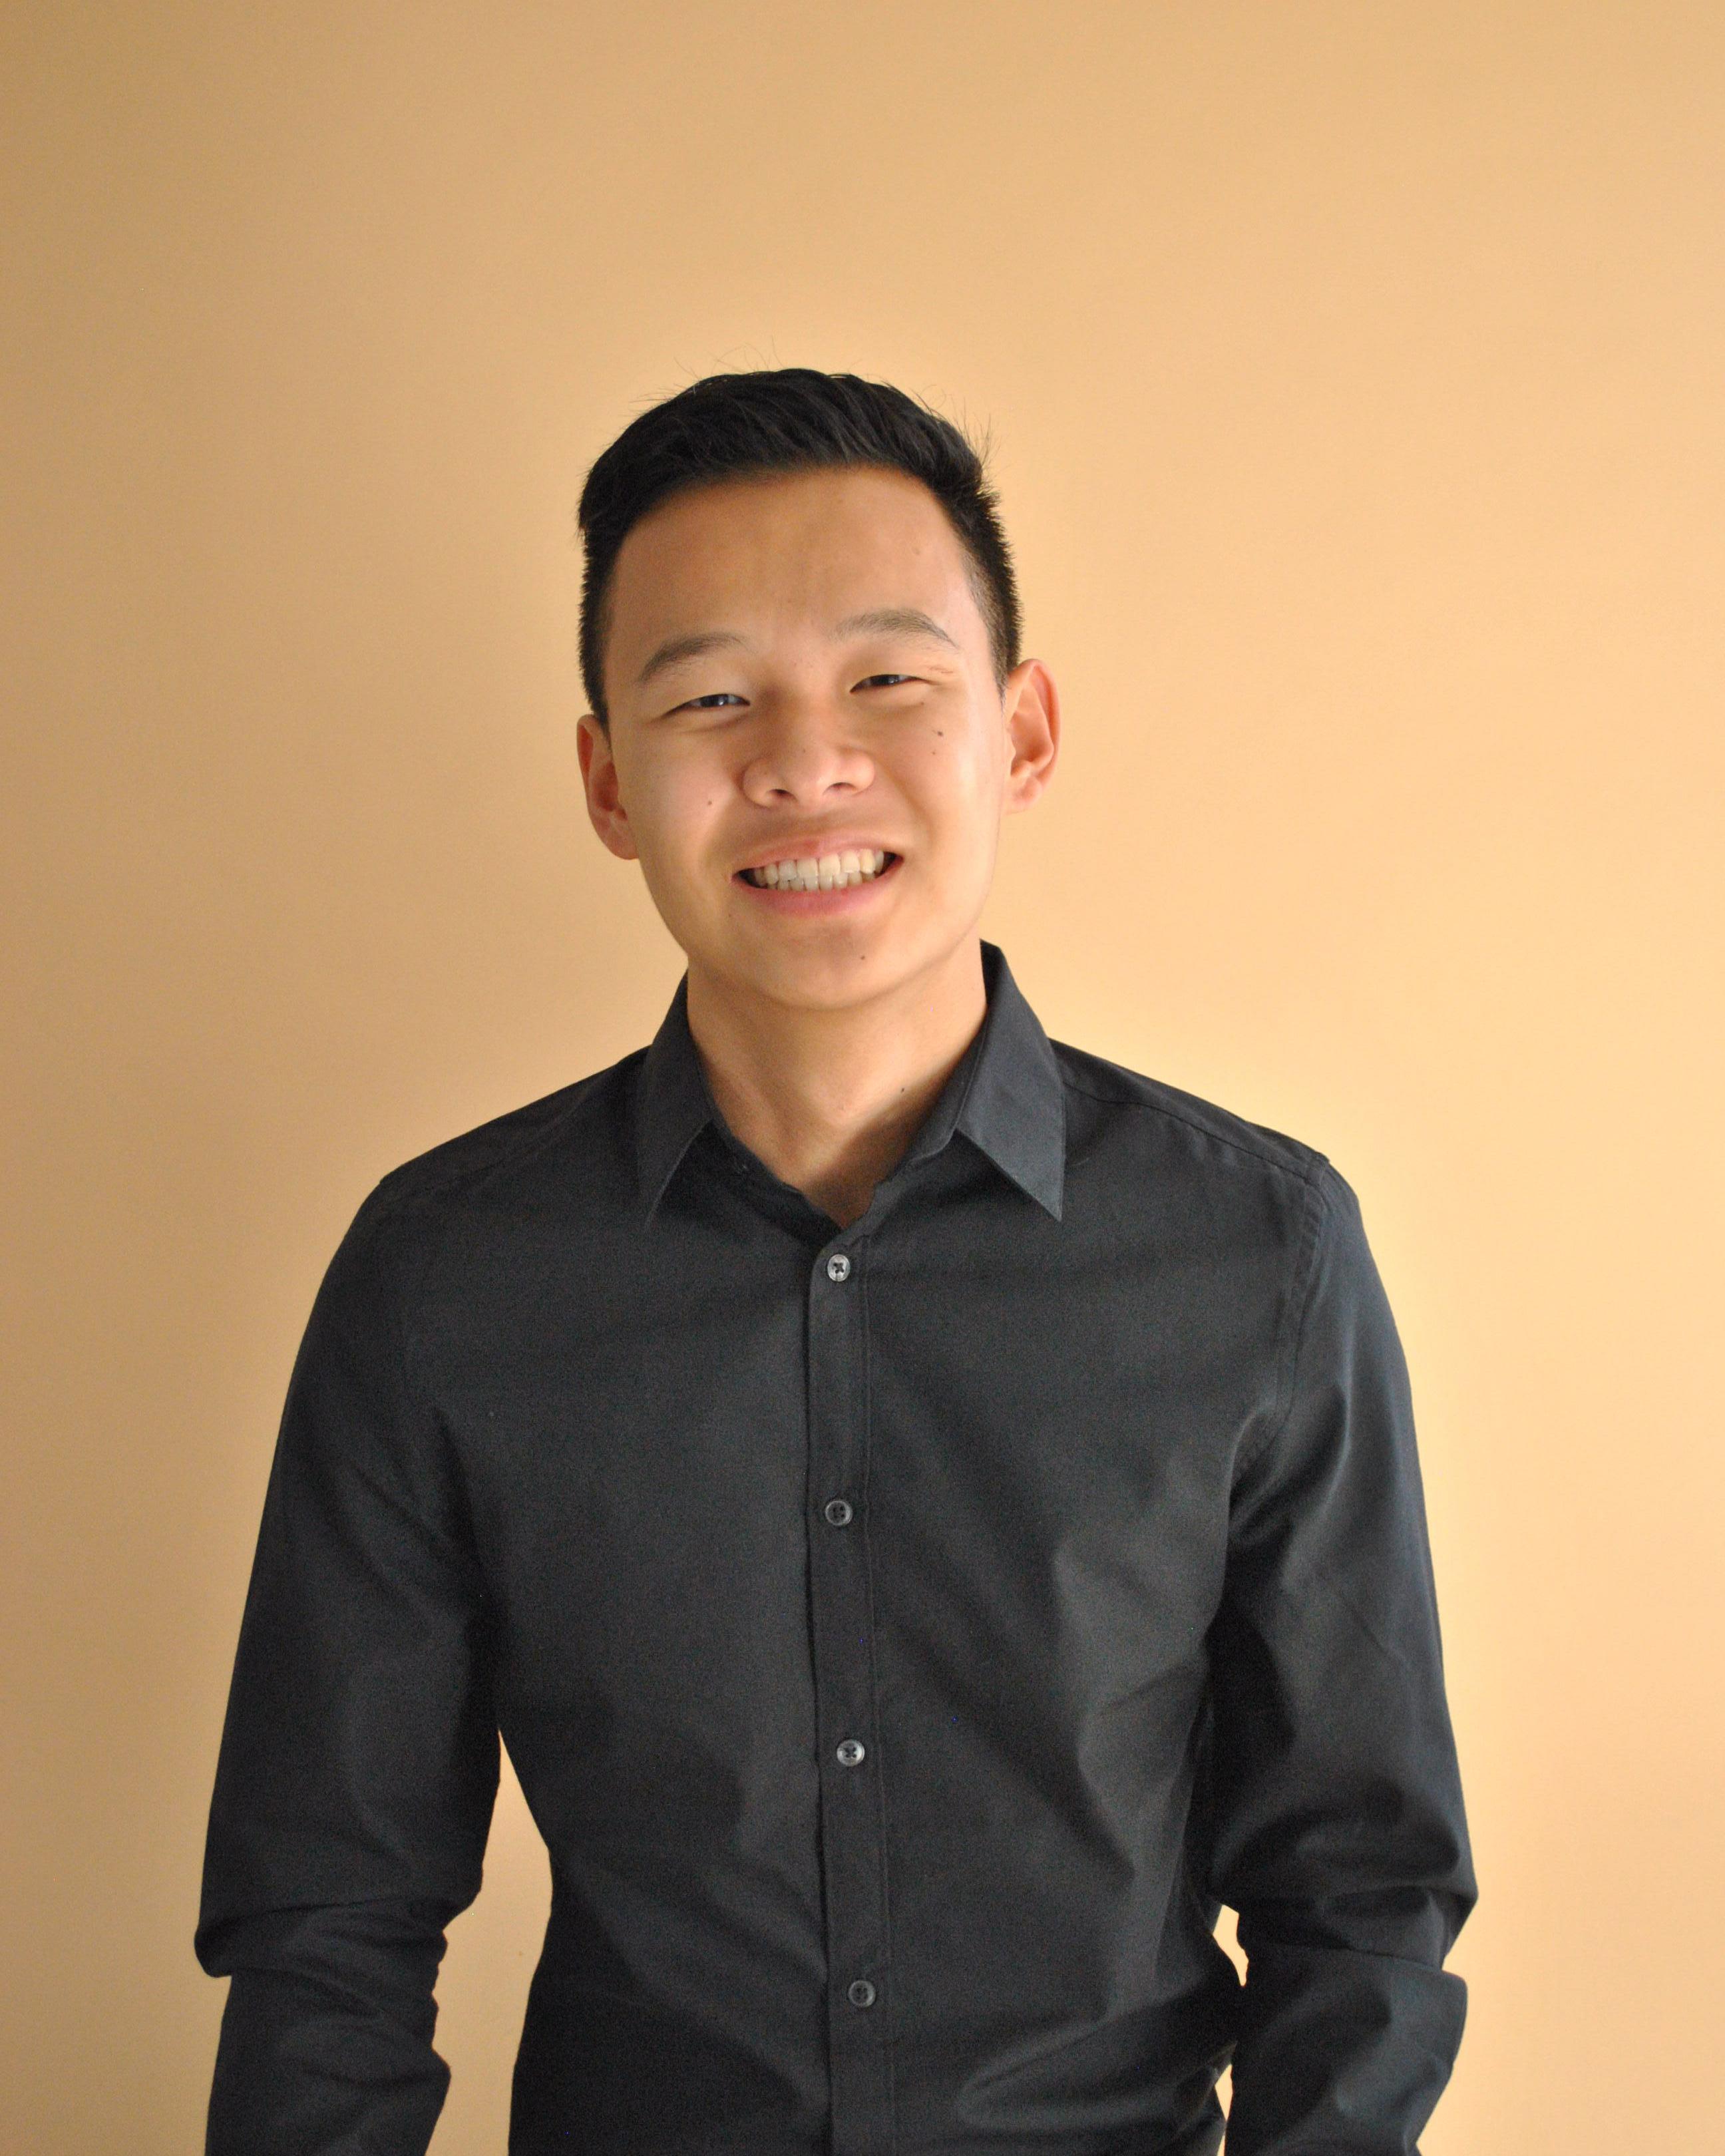 Ben Chen